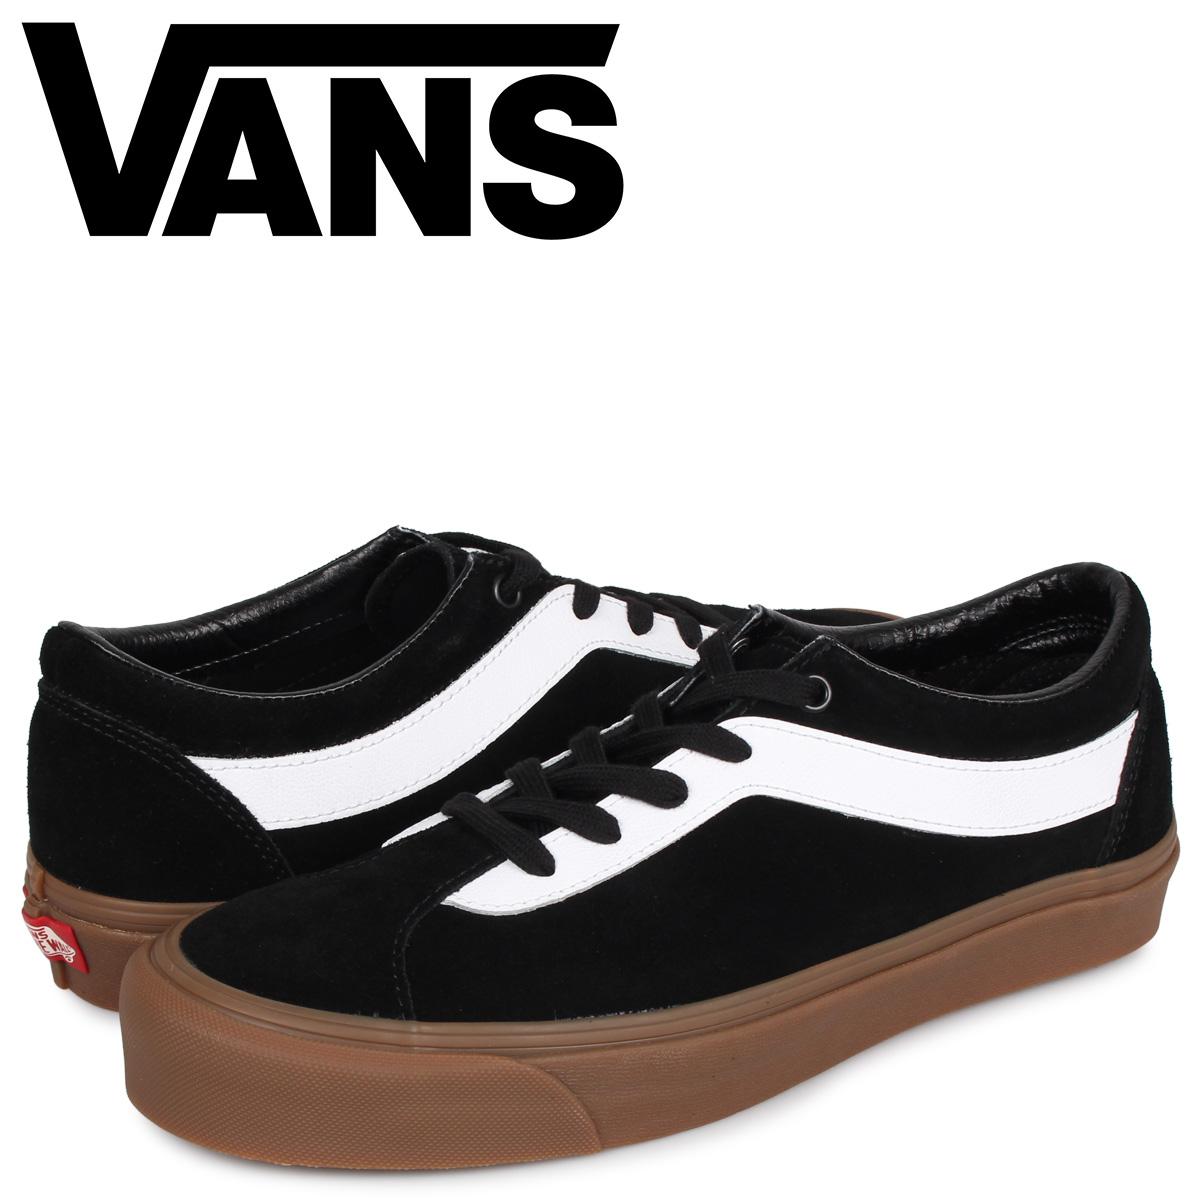 VANS バンズ BOLD NI スニーカー メンズ ヴァンズ ボールド ブラック 黒 VN0A3WLPLF9